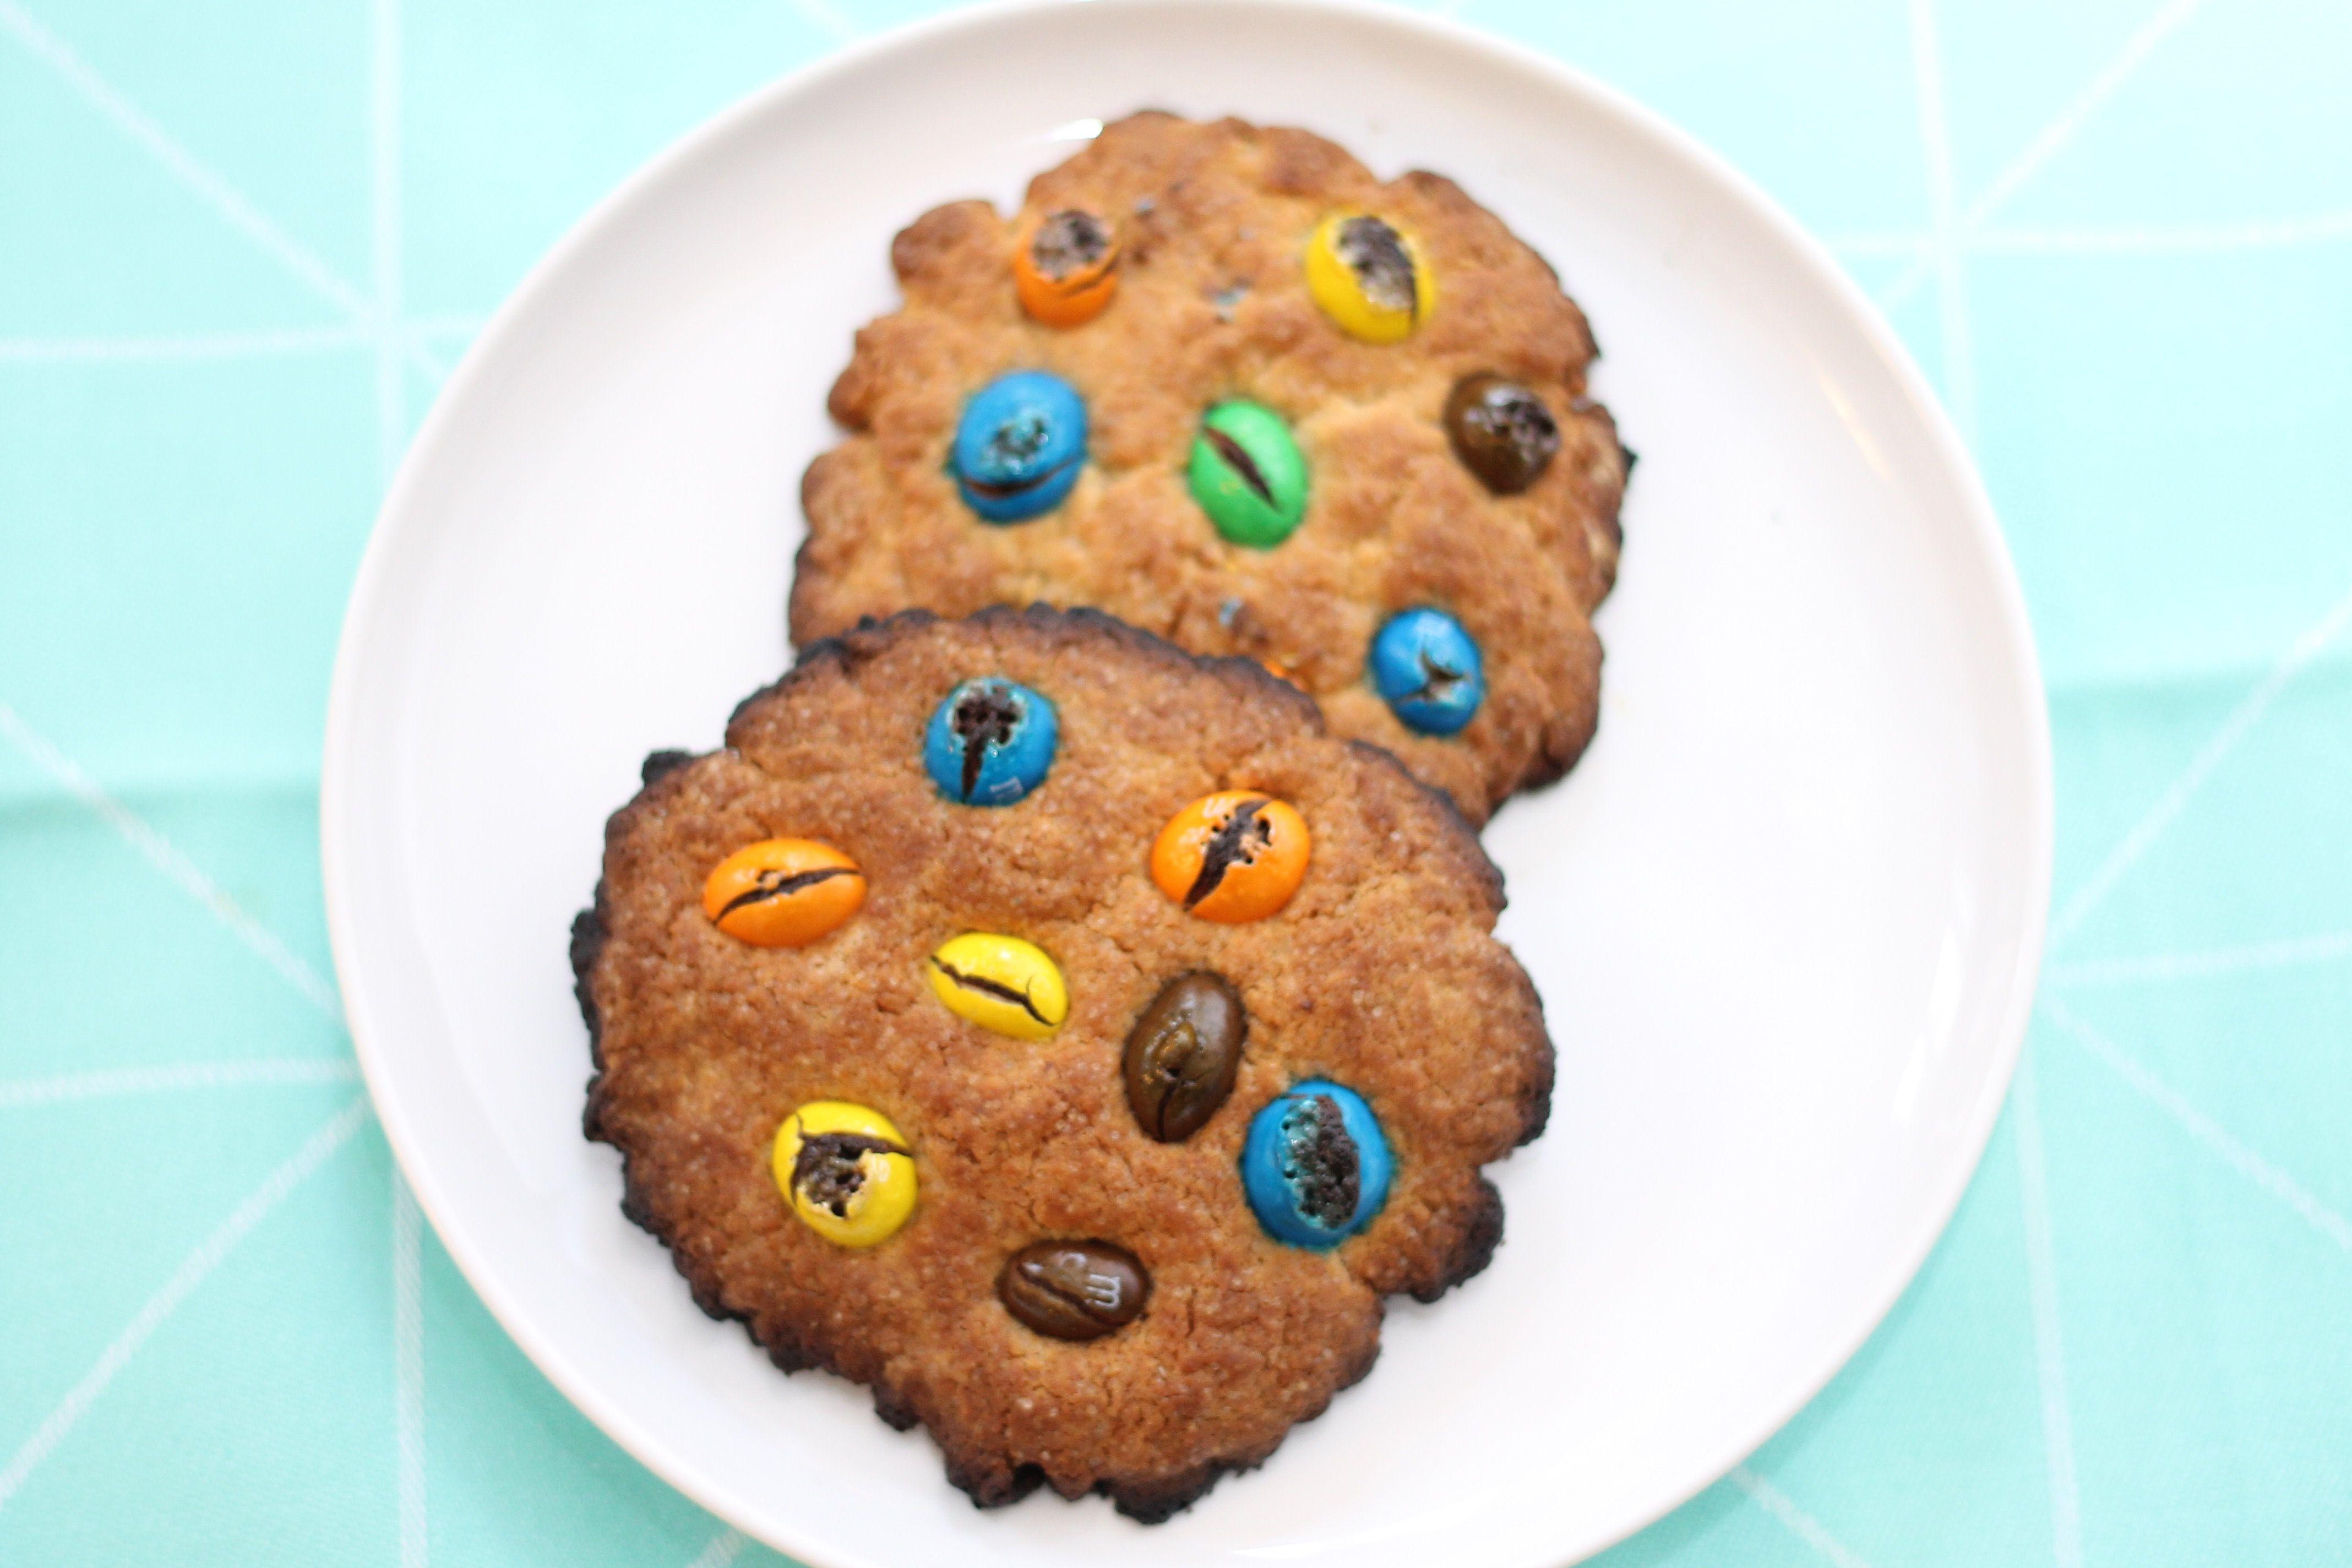 Je vous dévoile la recette de mes cookies maison déclinés sous plusieurs recettes : chocolat au lait et noix de pécan, éclats de m&m's, chocolat blanc... Voici le lien : http://www.delices-de-mouflette.com/recette-cookies-maison/